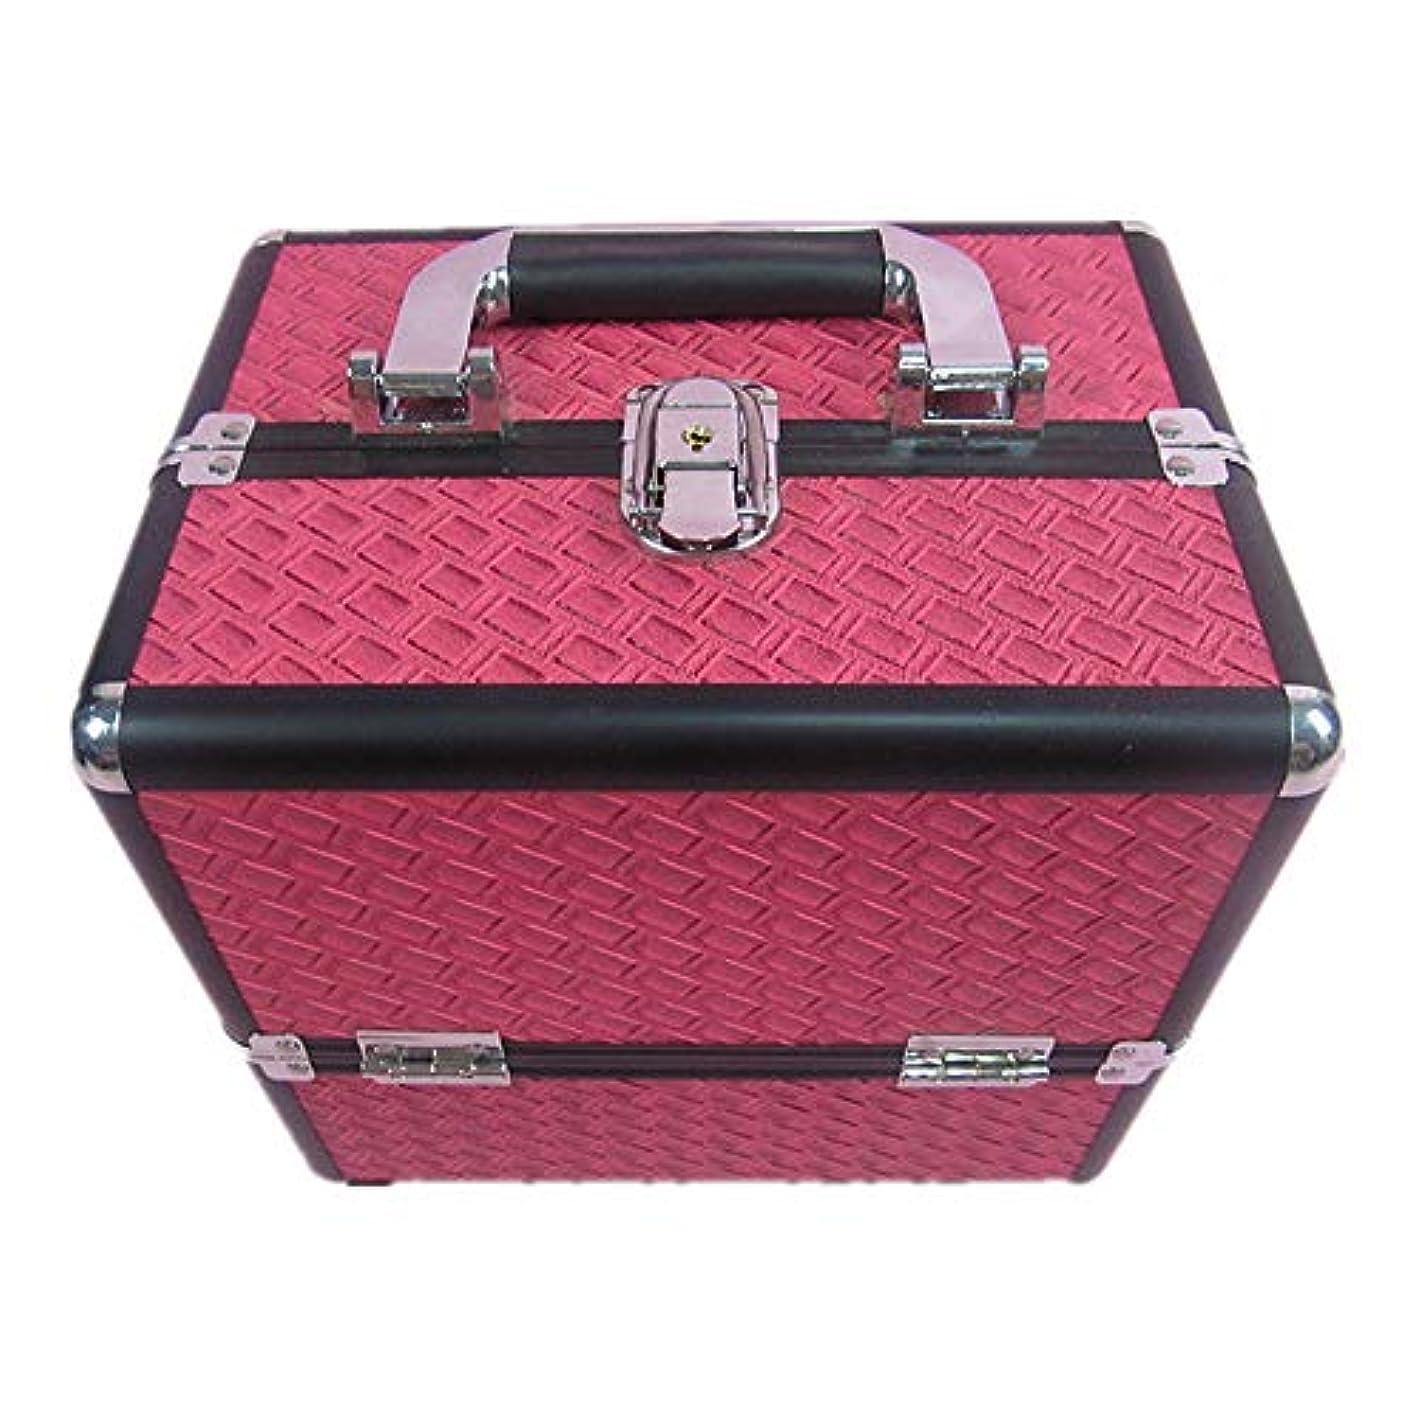 メールプレゼンターボーカル化粧オーガナイザーバッグ 大容量ポータブル化粧ケース(トラベルアクセサリー用)シャンプーボディウォッシュパーソナルアイテム収納トレイ(エクステンショントレイ付) 化粧品ケース